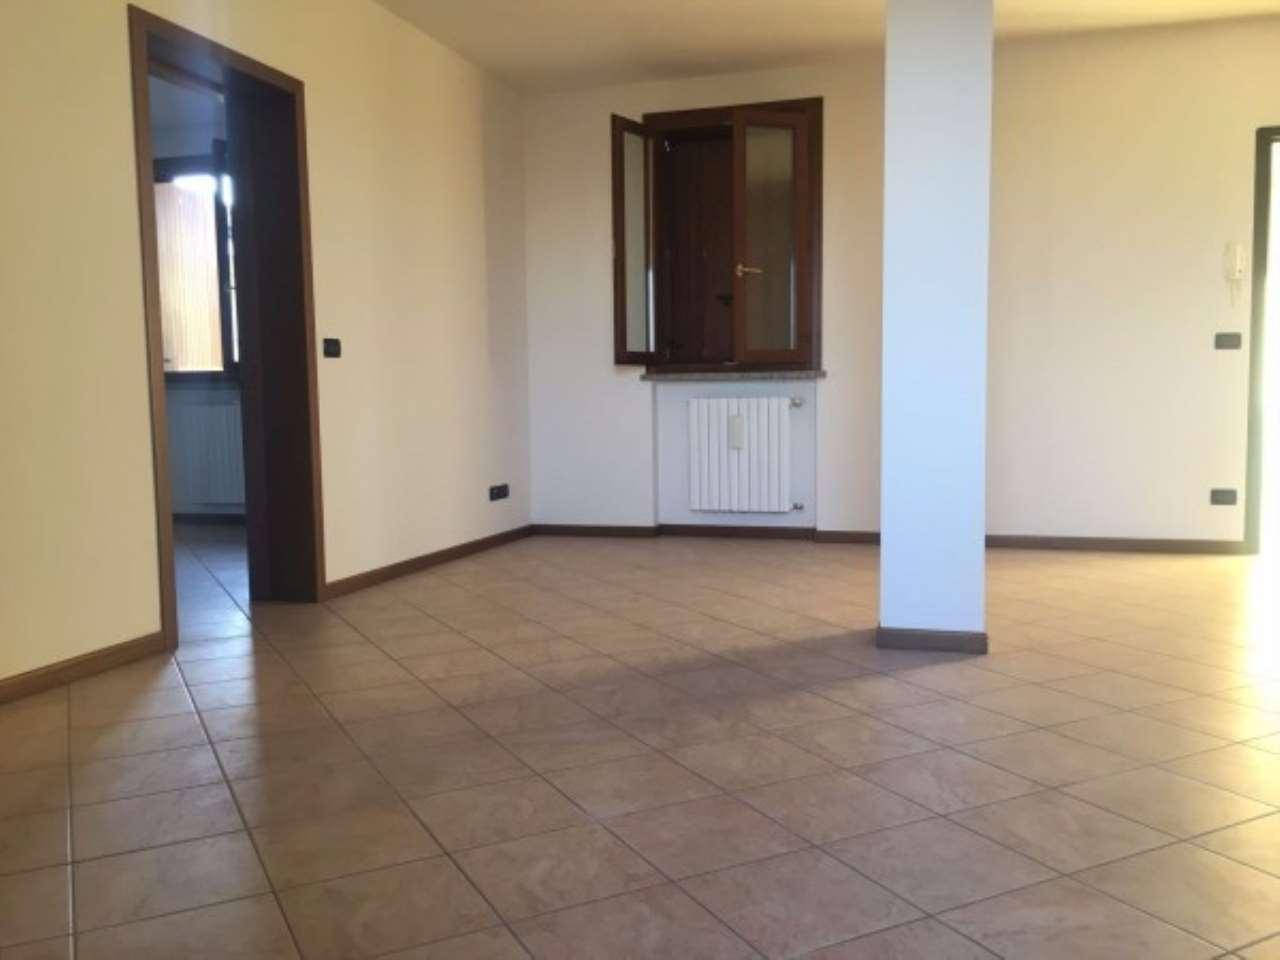 Appartamento in affitto a Curtatone, 3 locali, prezzo € 470 | Cambio Casa.it